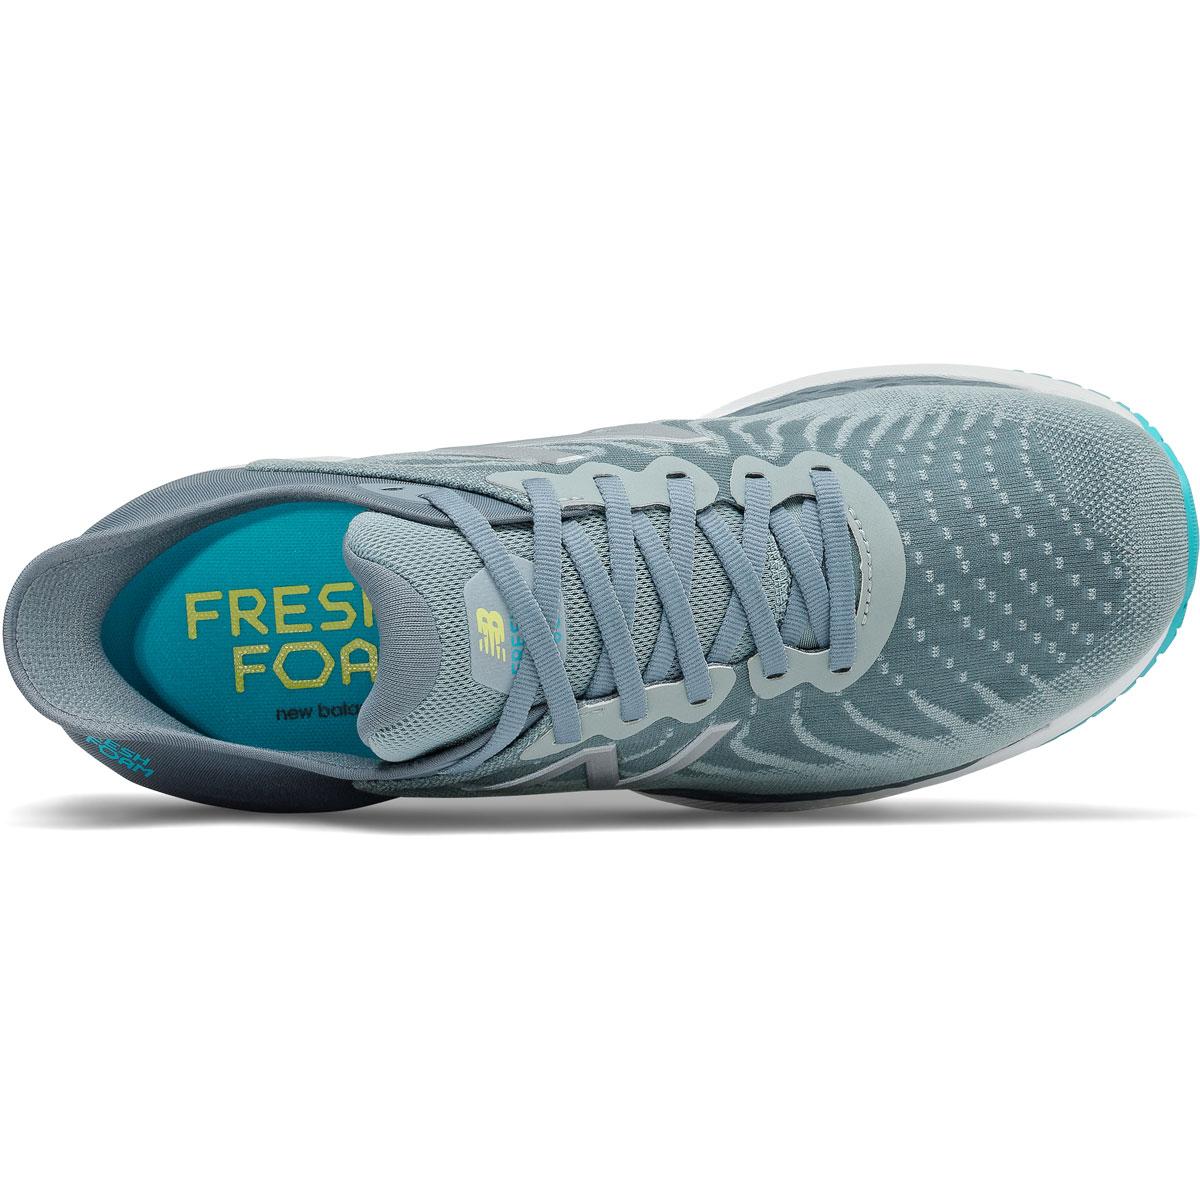 Men's New Balance 860V11 Running Shoe - Color: Ocean Grey  - Size: 6 - Width: Wide, Ocean Grey, large, image 3